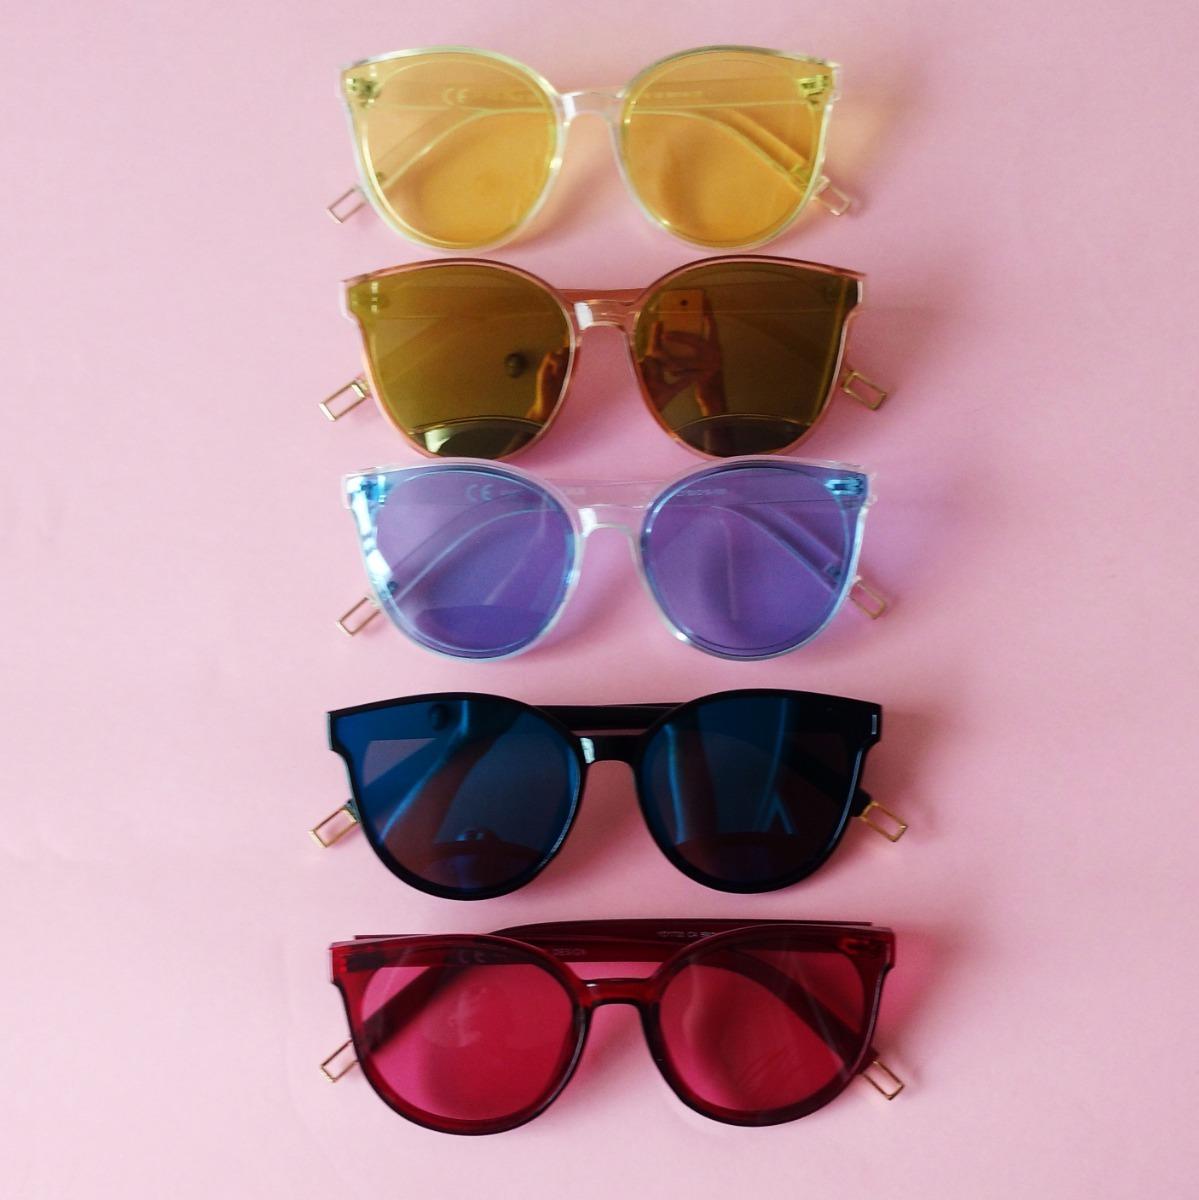 1a2cdb6211a08 kit 5 oculos colorido tumblr atacado blogueiras promoção. Carregando zoom.